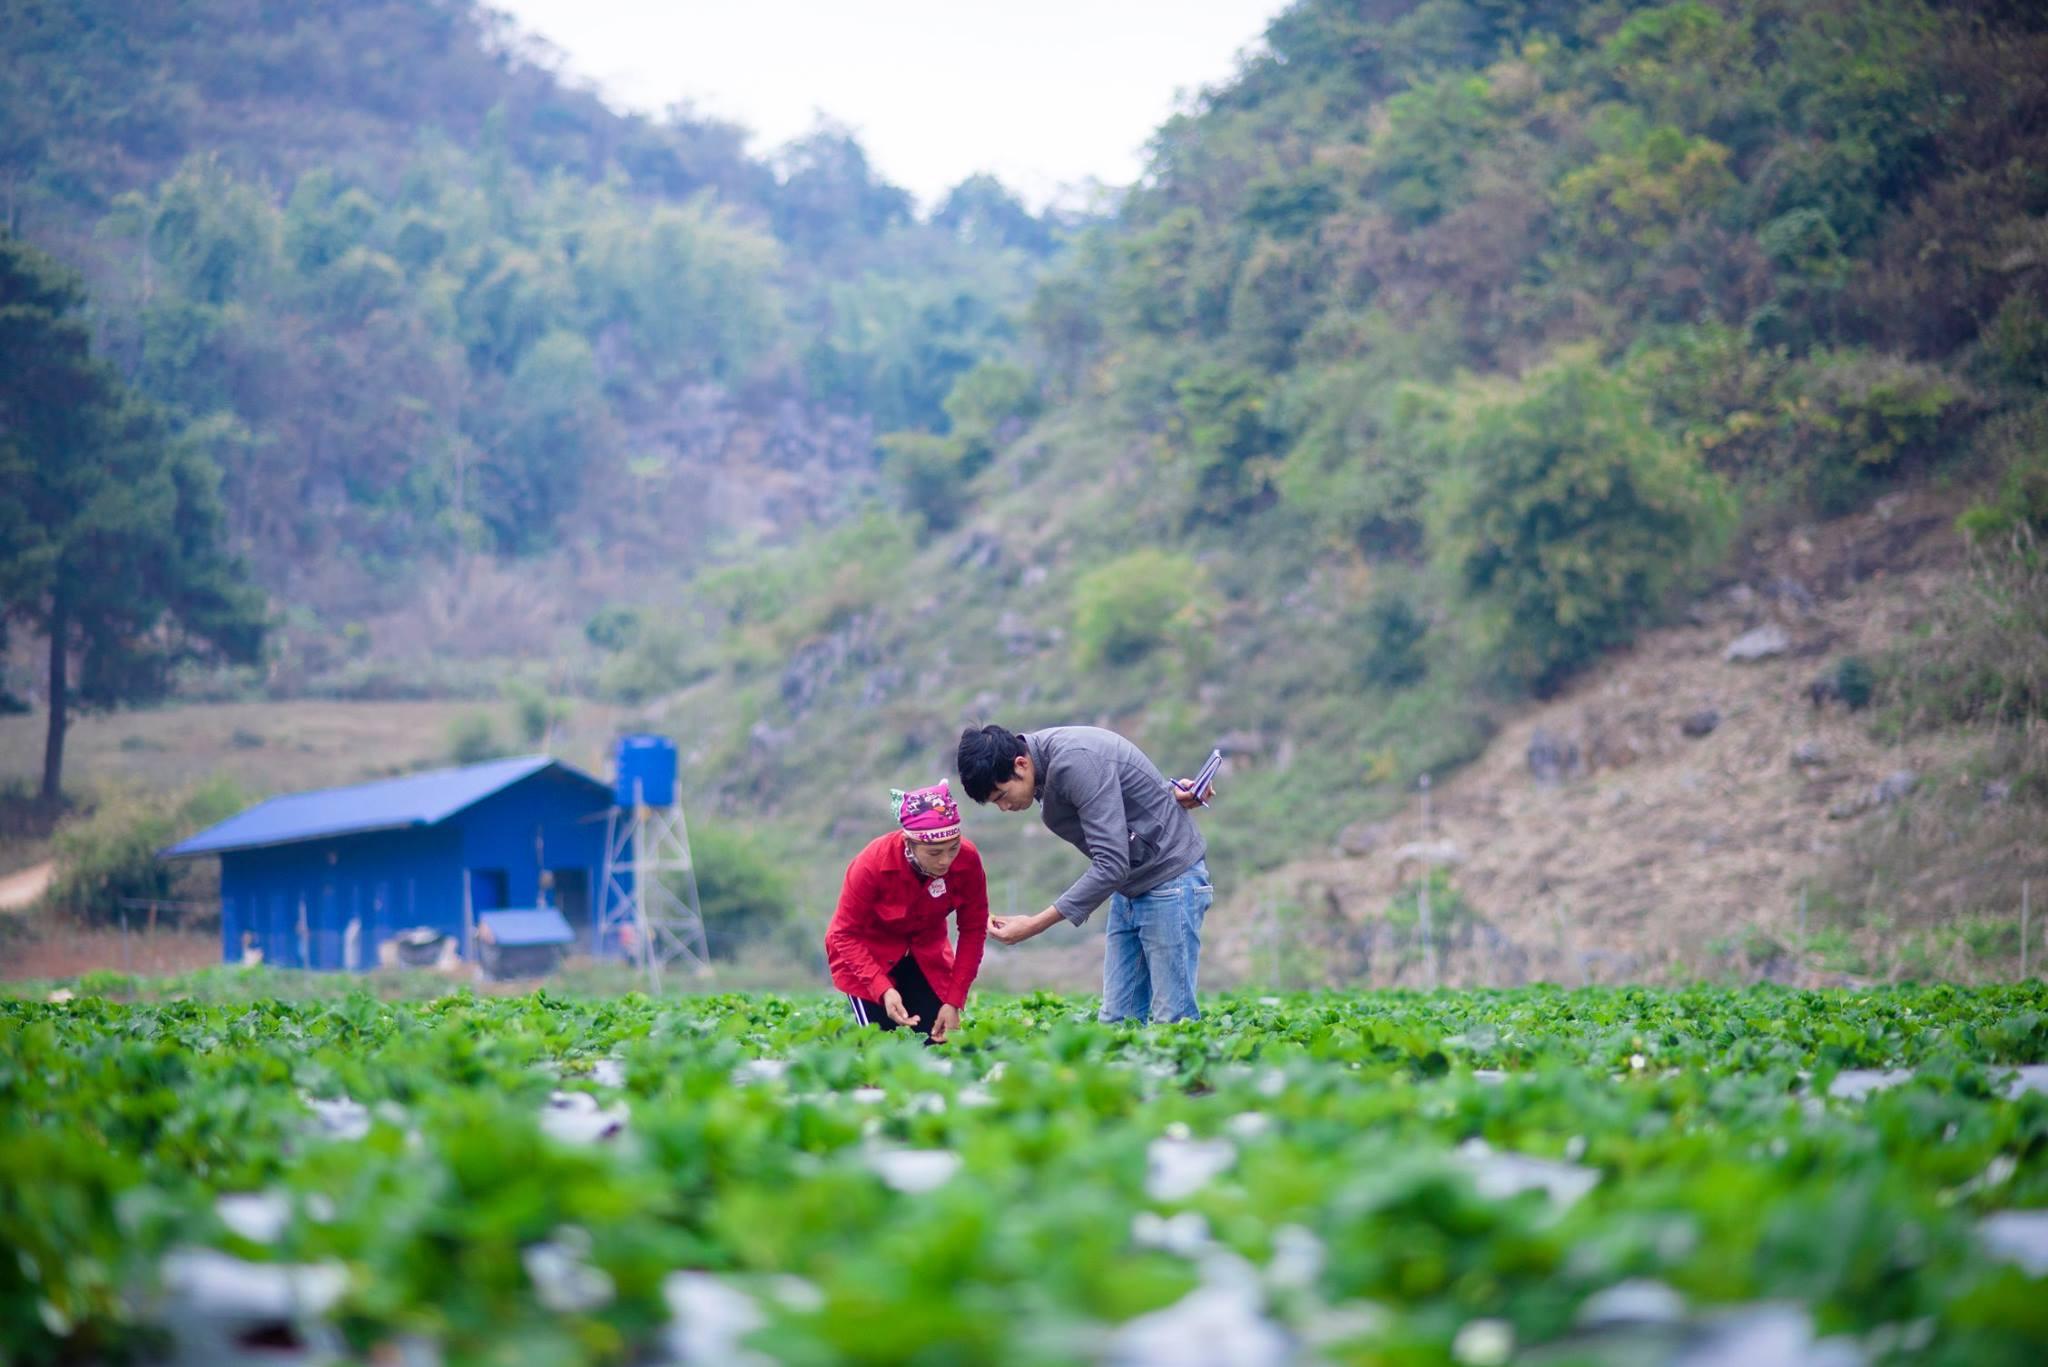 Anh Nguyễn Công Toàn (kỹ sư nông nghiệp) của Chimi Farm đang hướng dẫn công nhân thu hoạch dâu tây